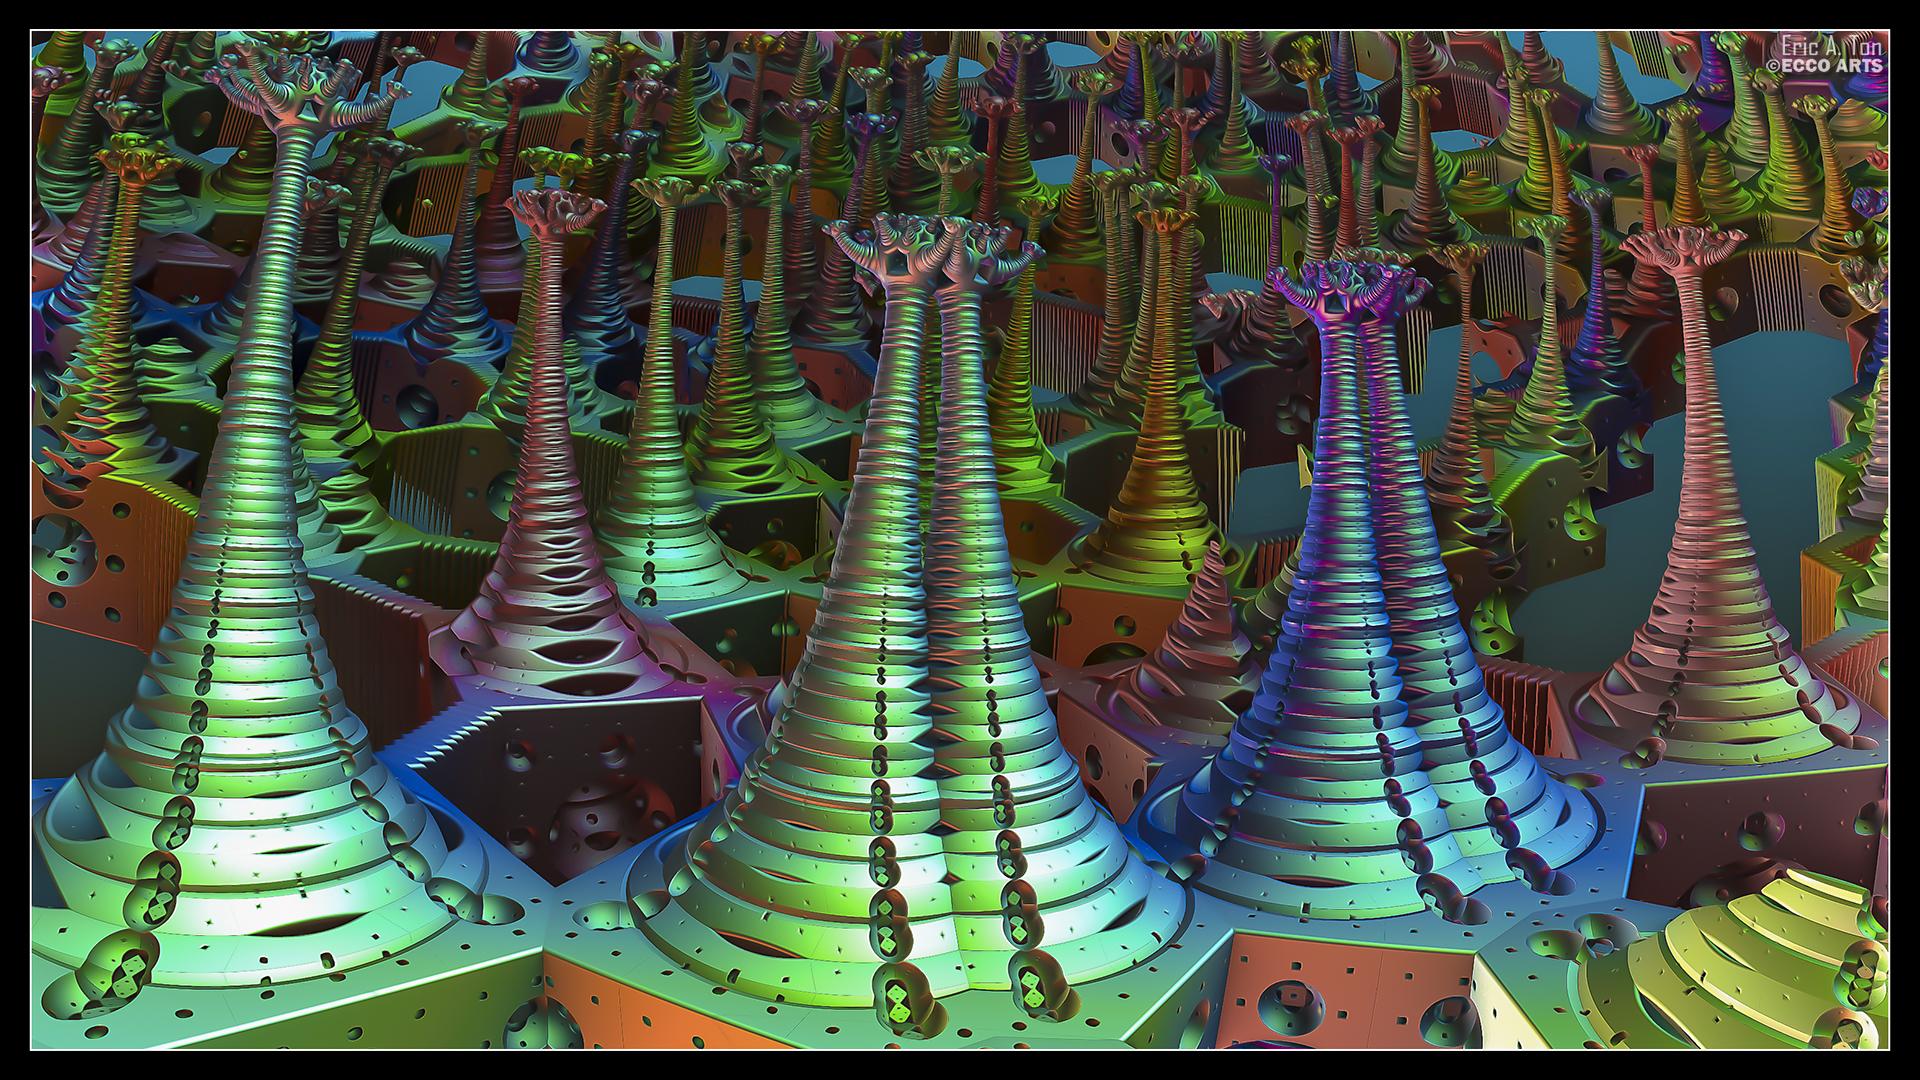 Arborium Metallicum by eccoarts